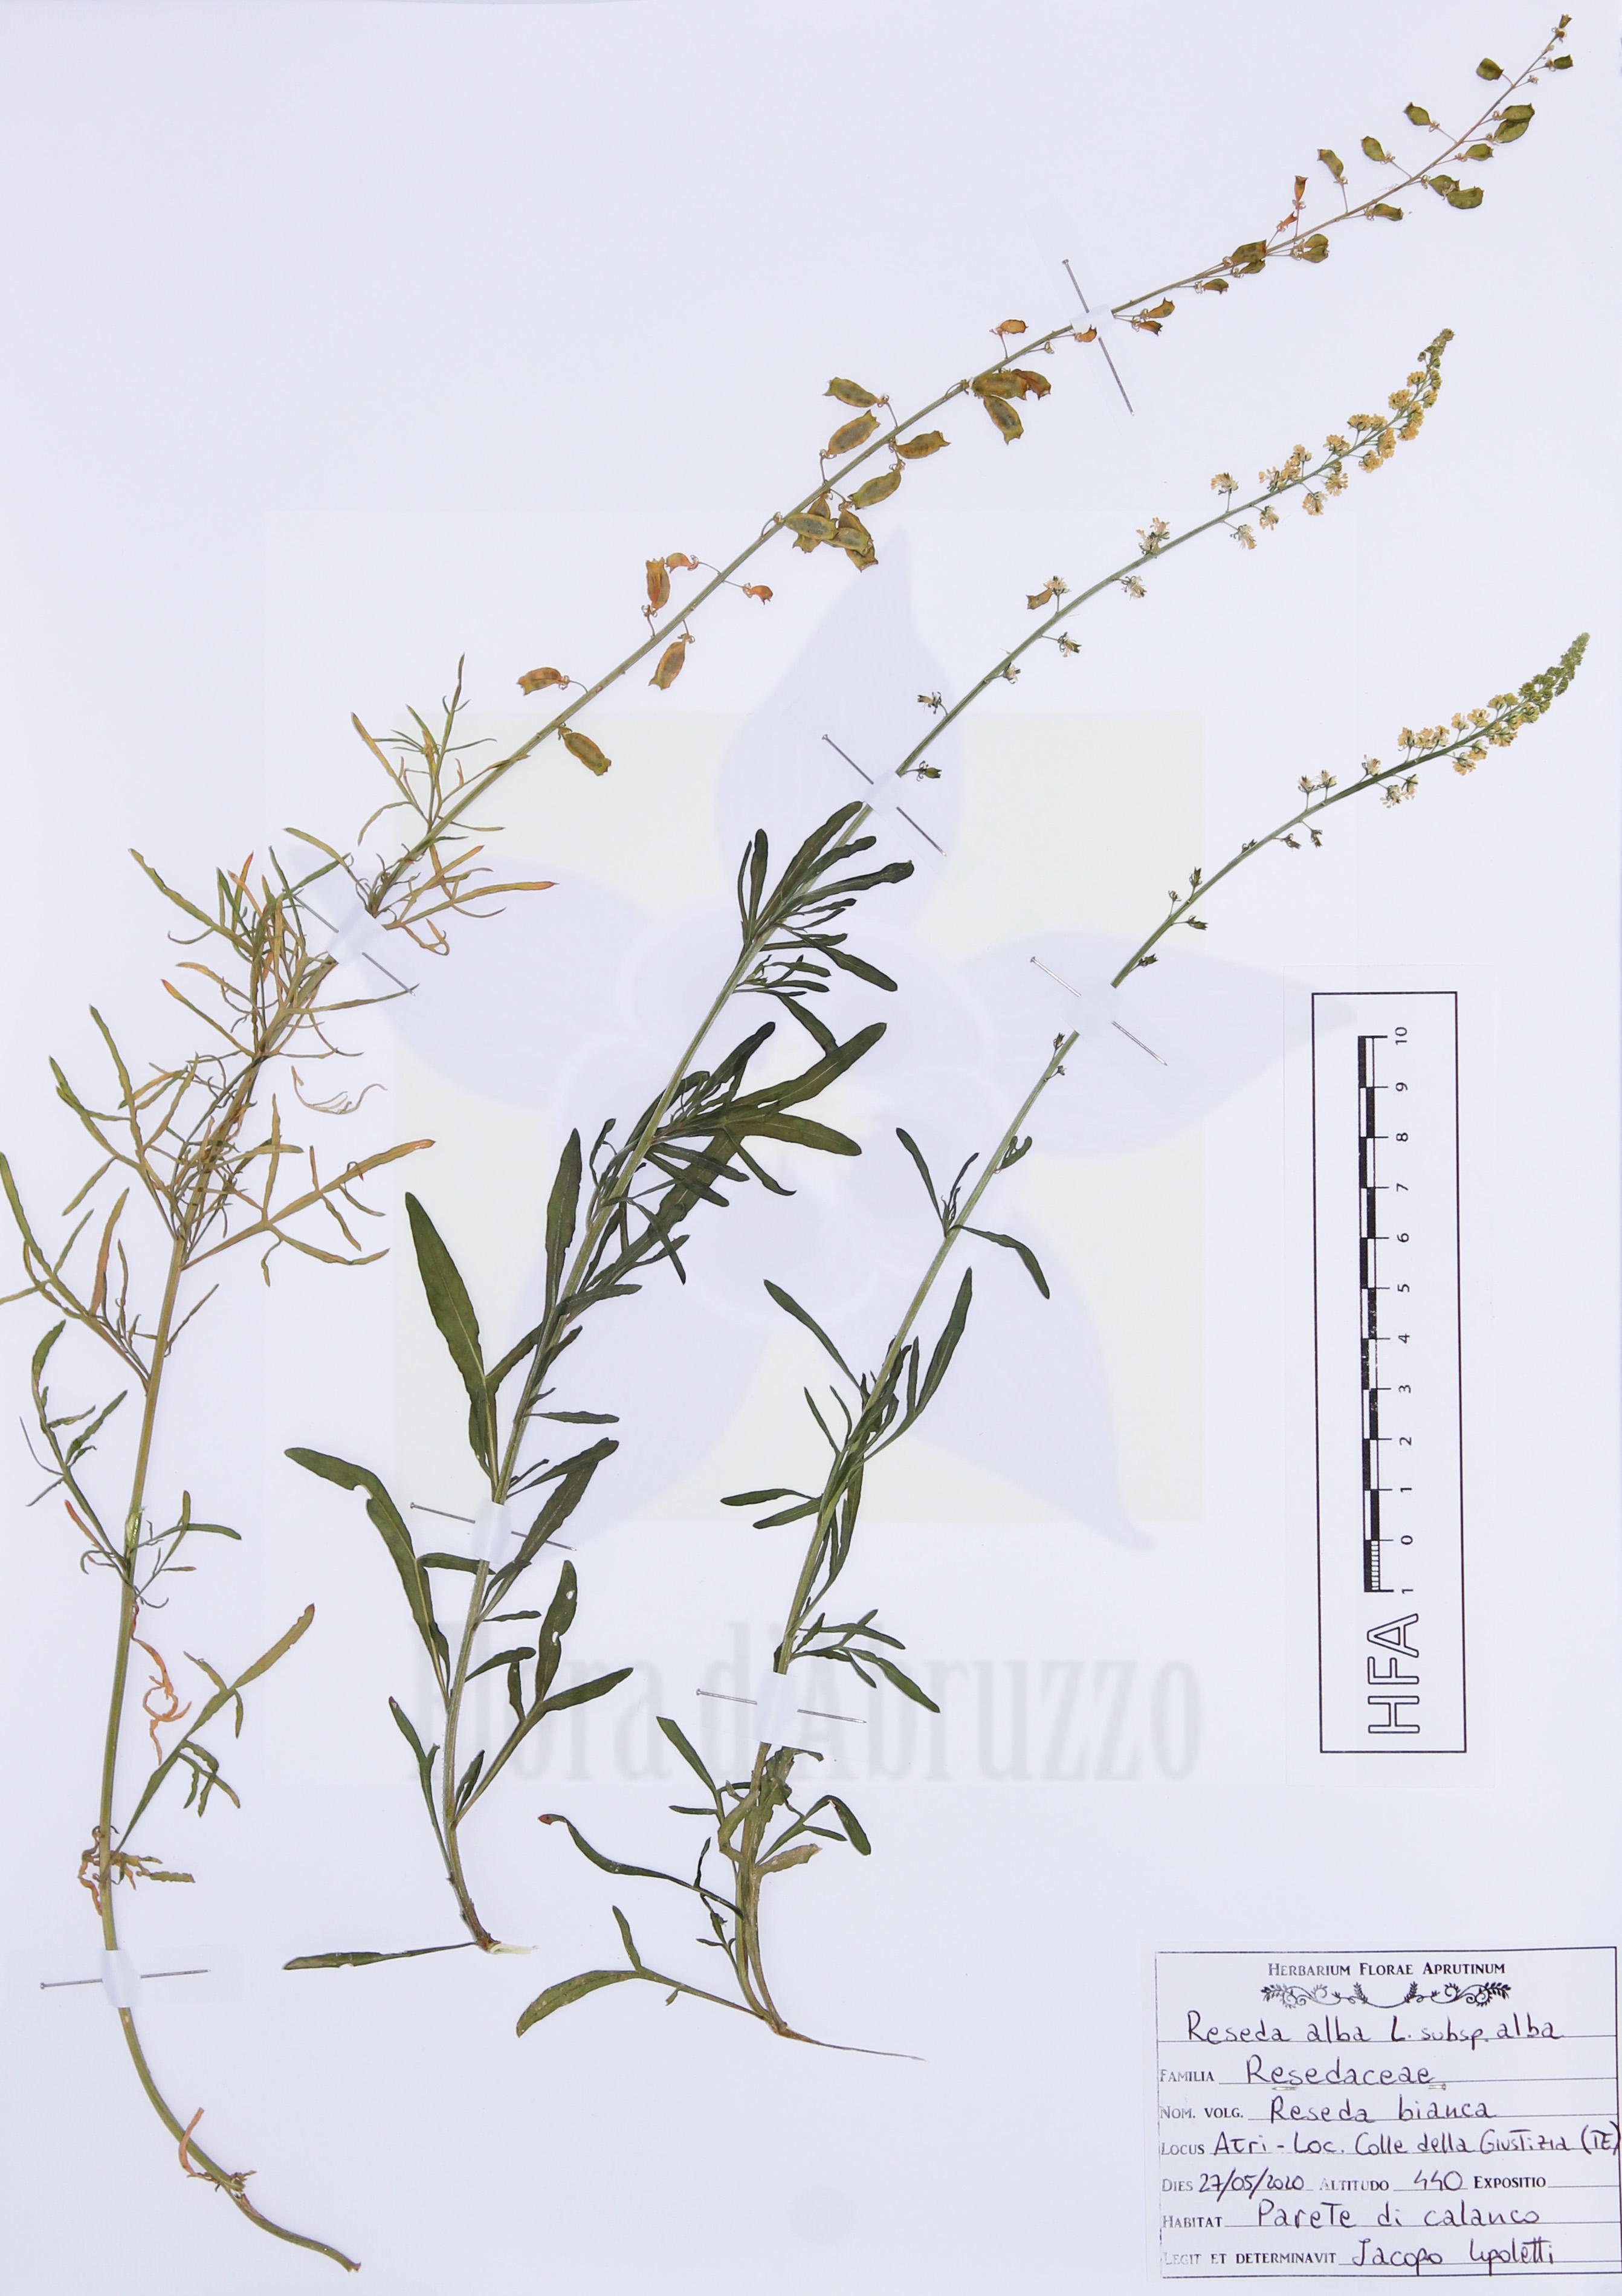 Reseda albaL. subsp.alba